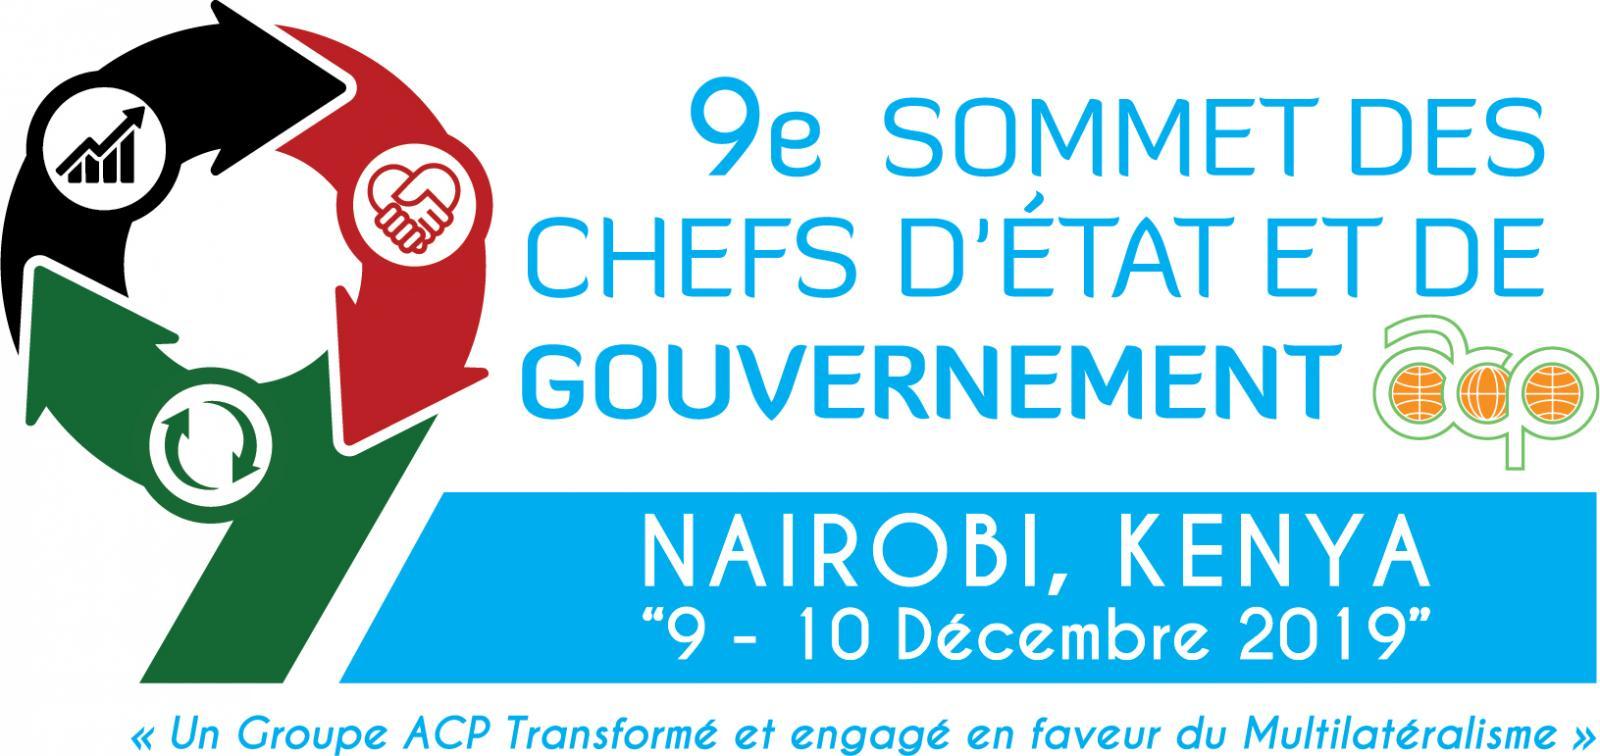 Développement : Les Etats ACP se donnent rendez-vous à Nairobi